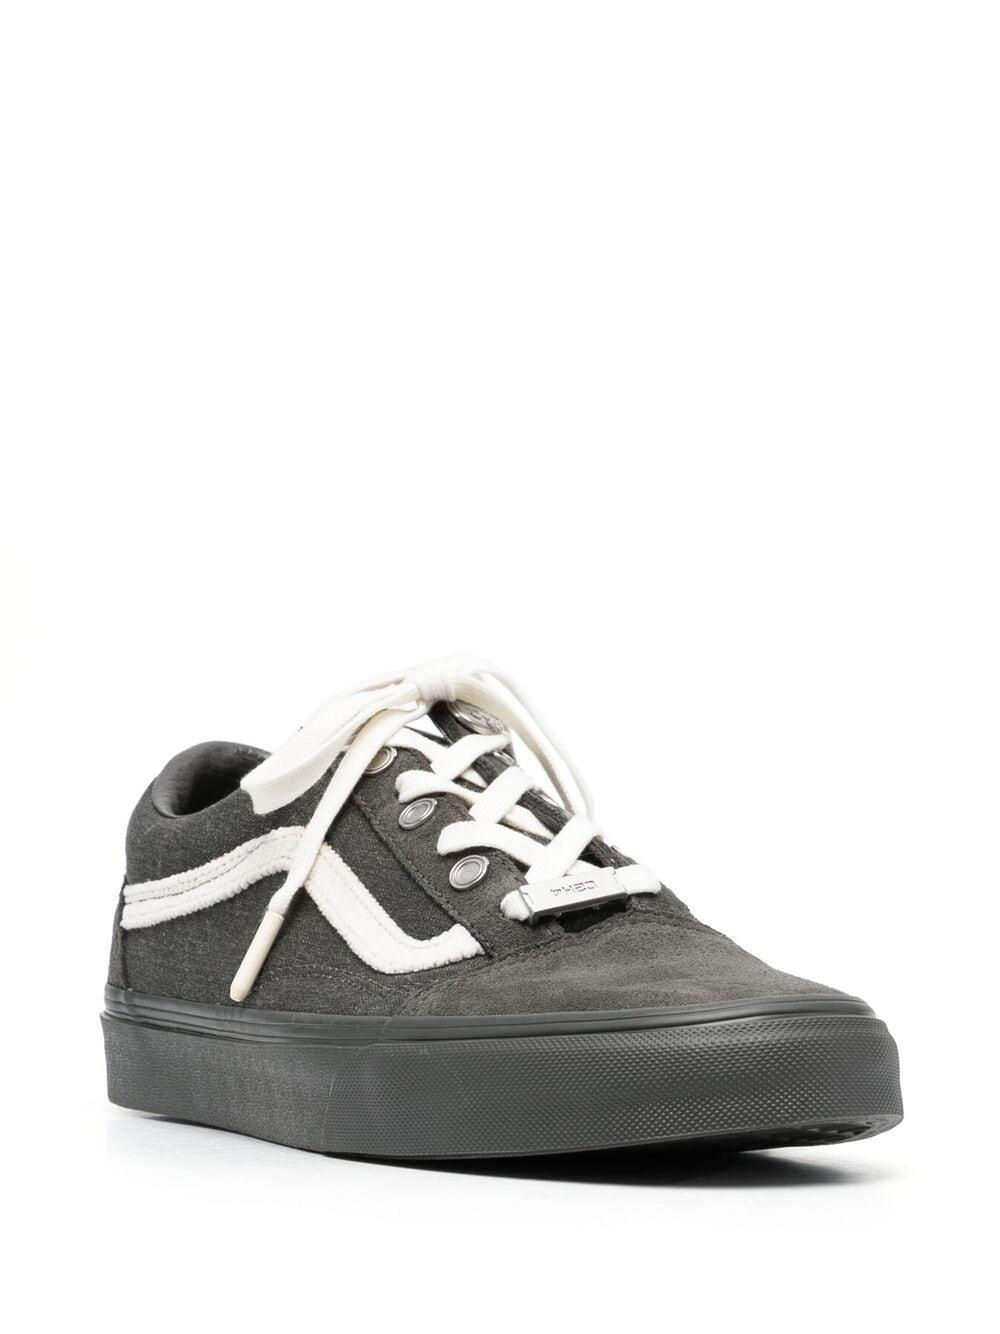 Sneakers Old Skool X C2H4 Uomo VANS VAULT | Sneakers | VN0A5AO92YD1